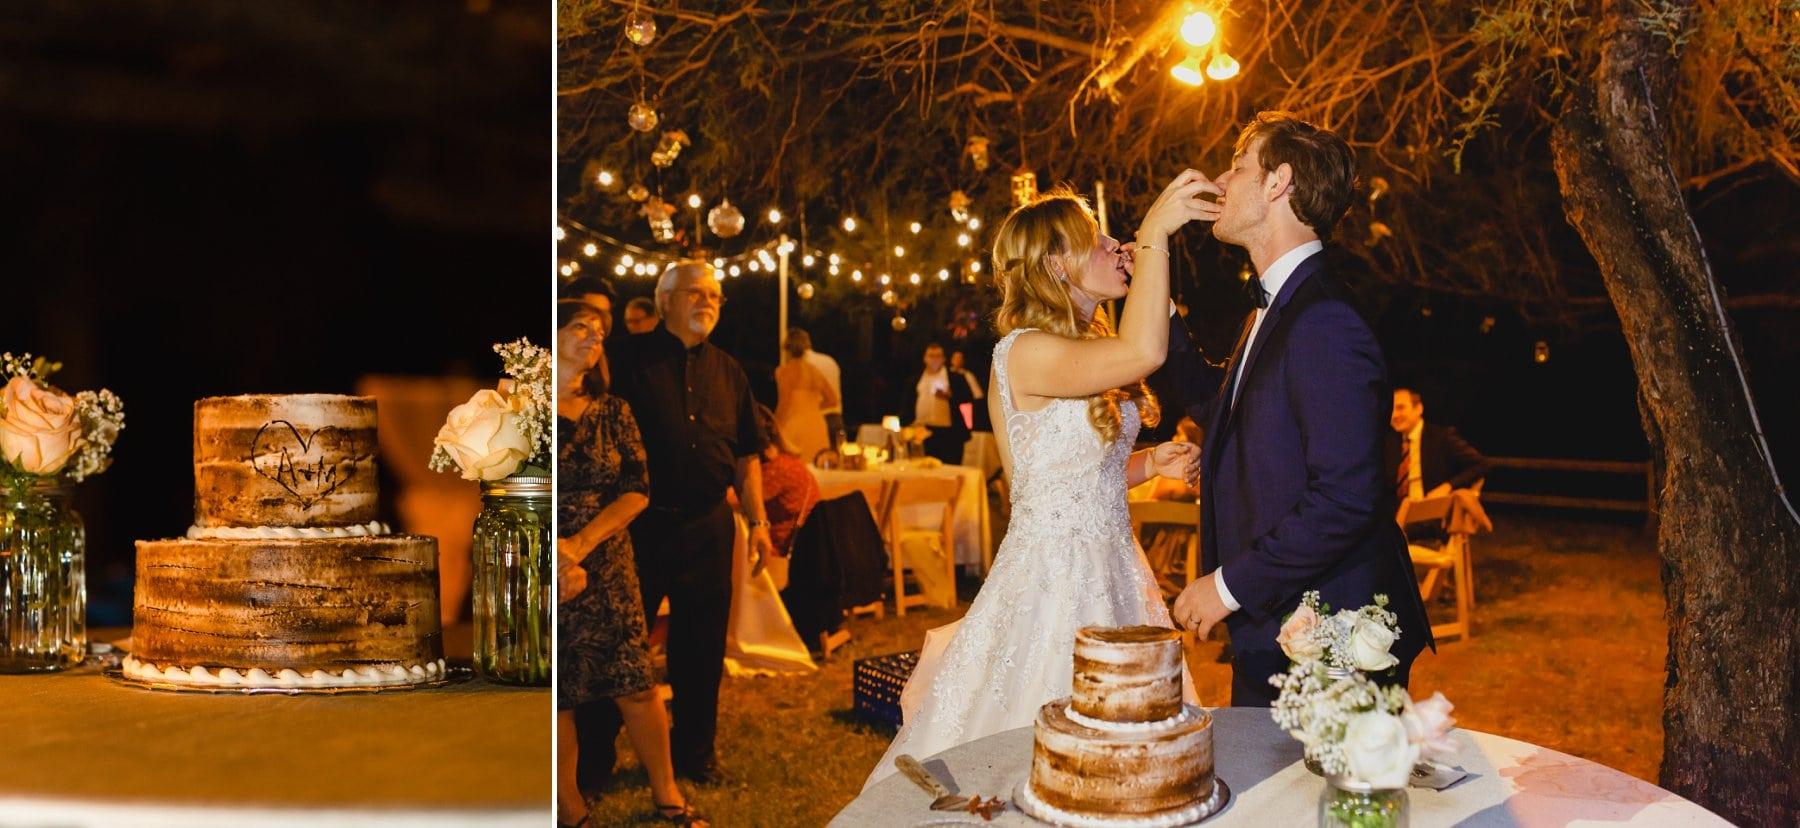 bride & groom cutting cake at Saguaro Lake Ranch wedding